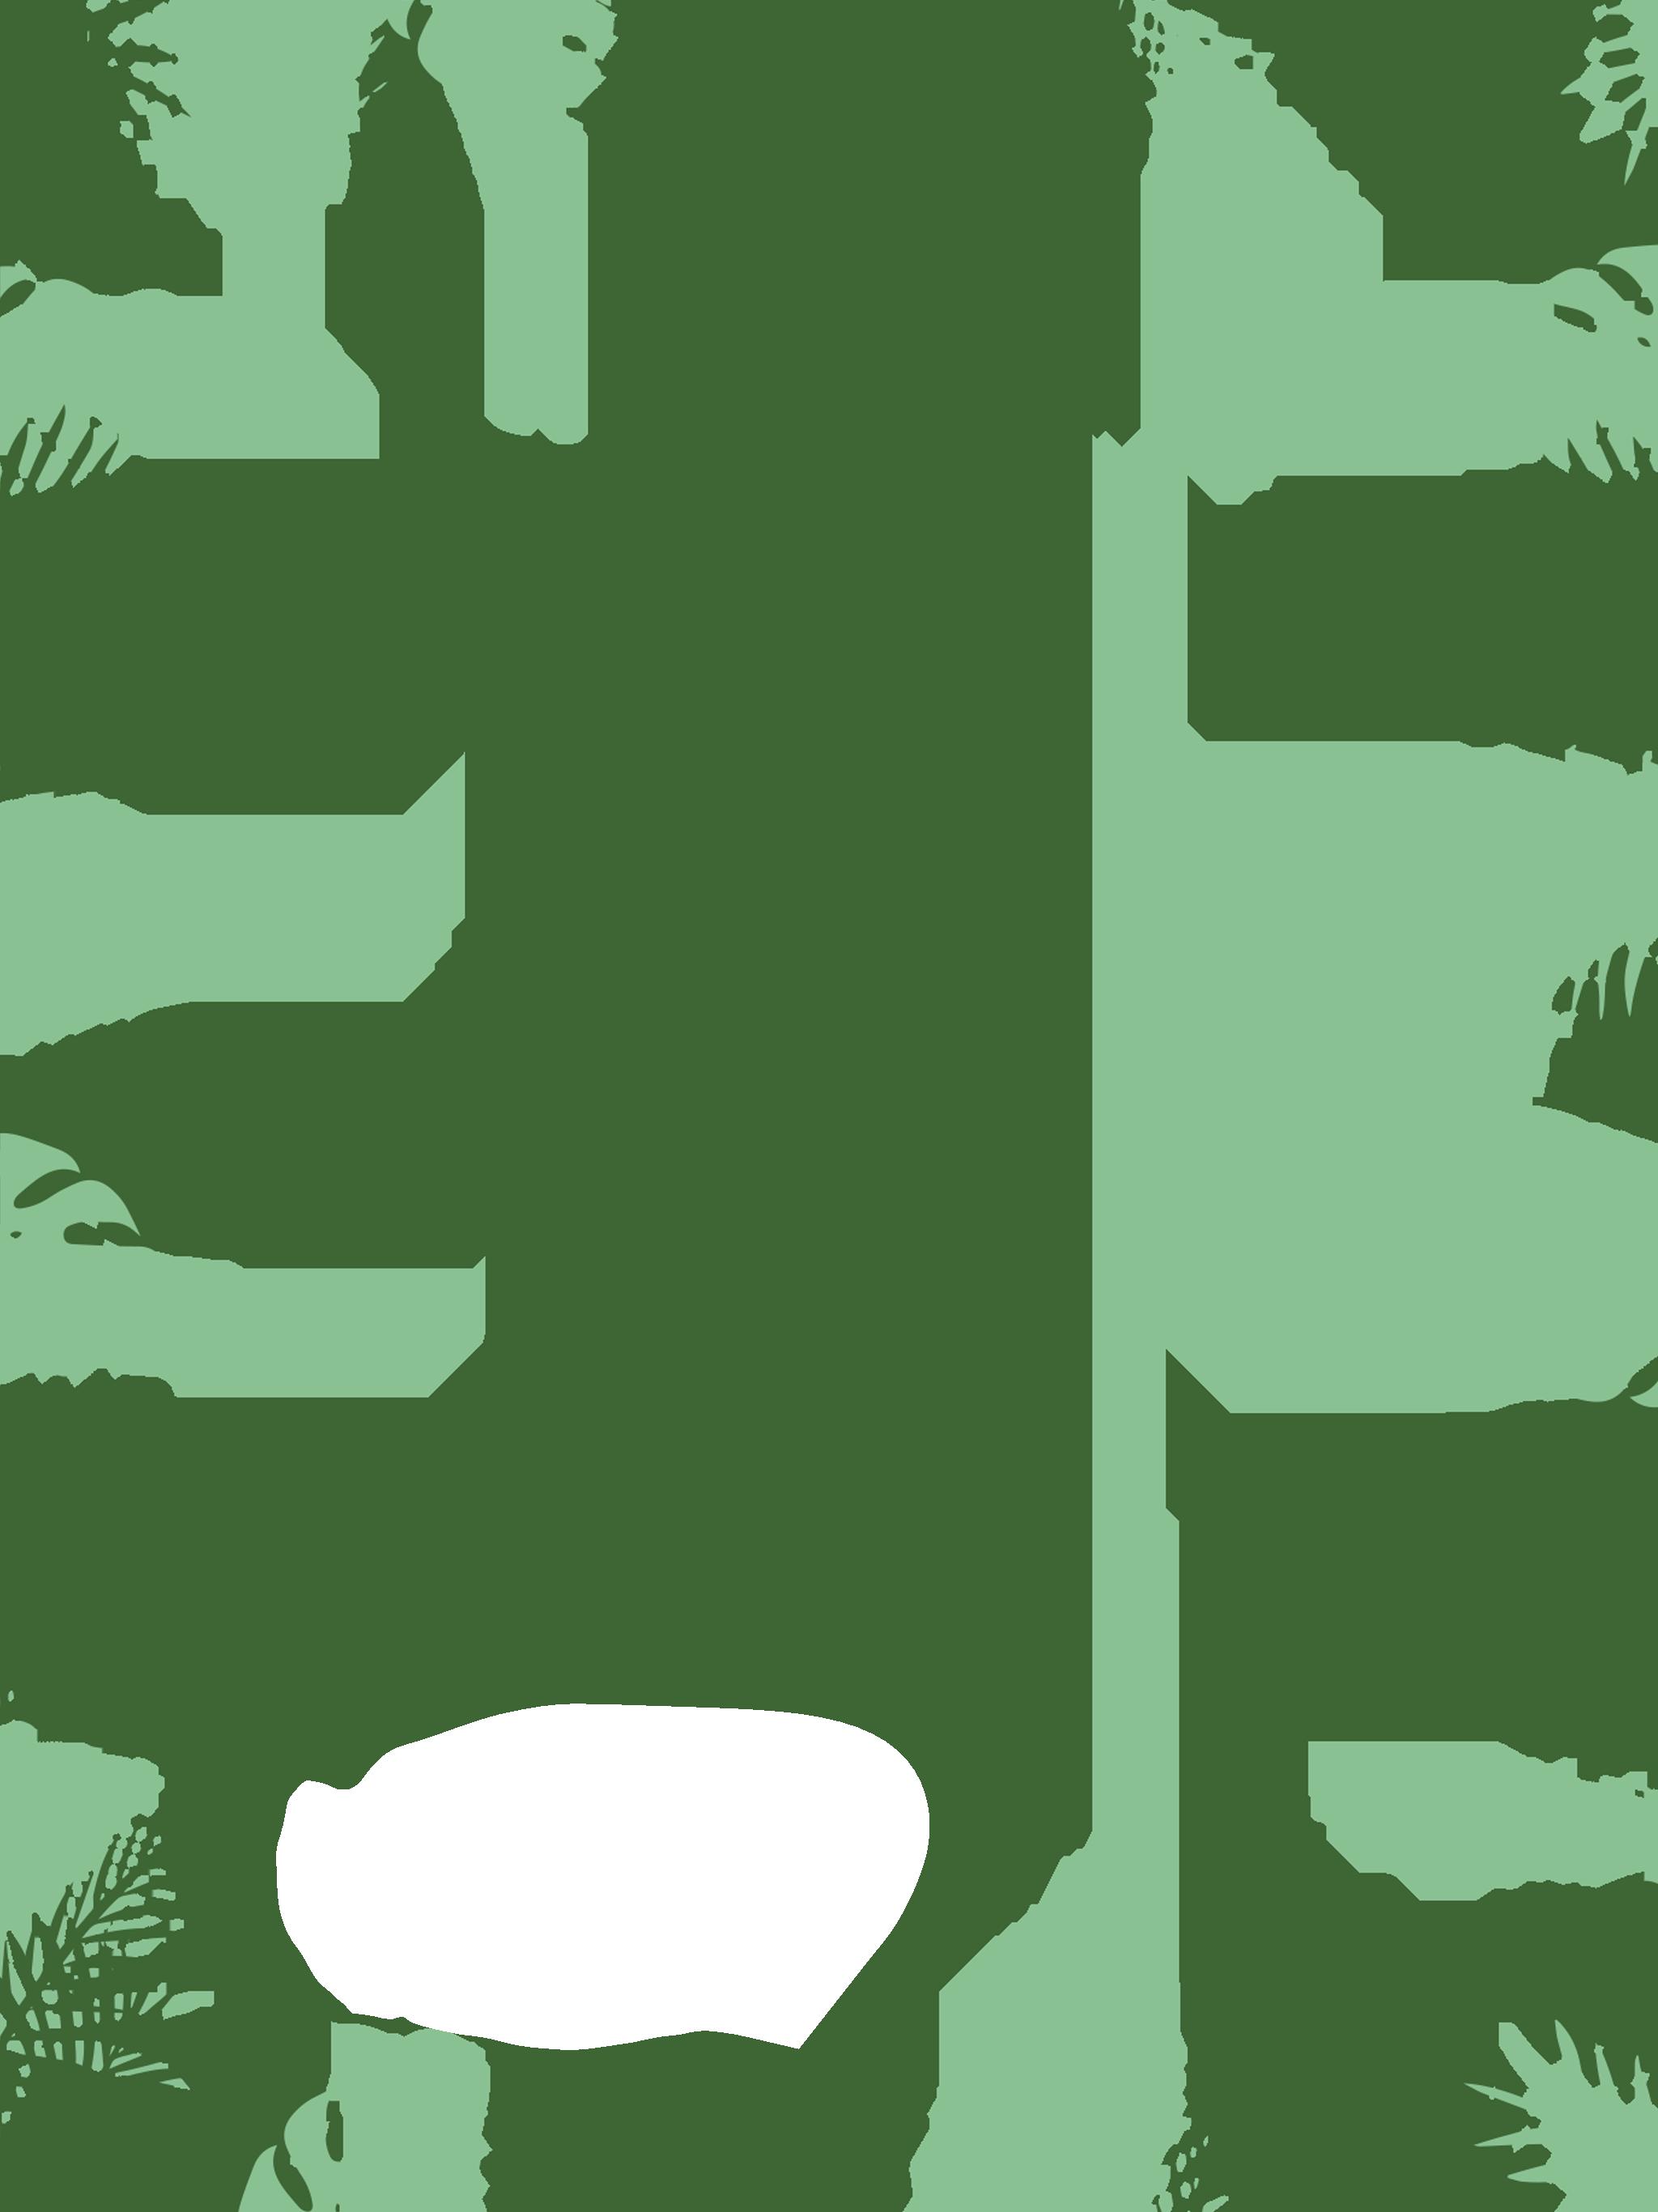 Ipad Vertical_2048x2732_Jungle_Green.png